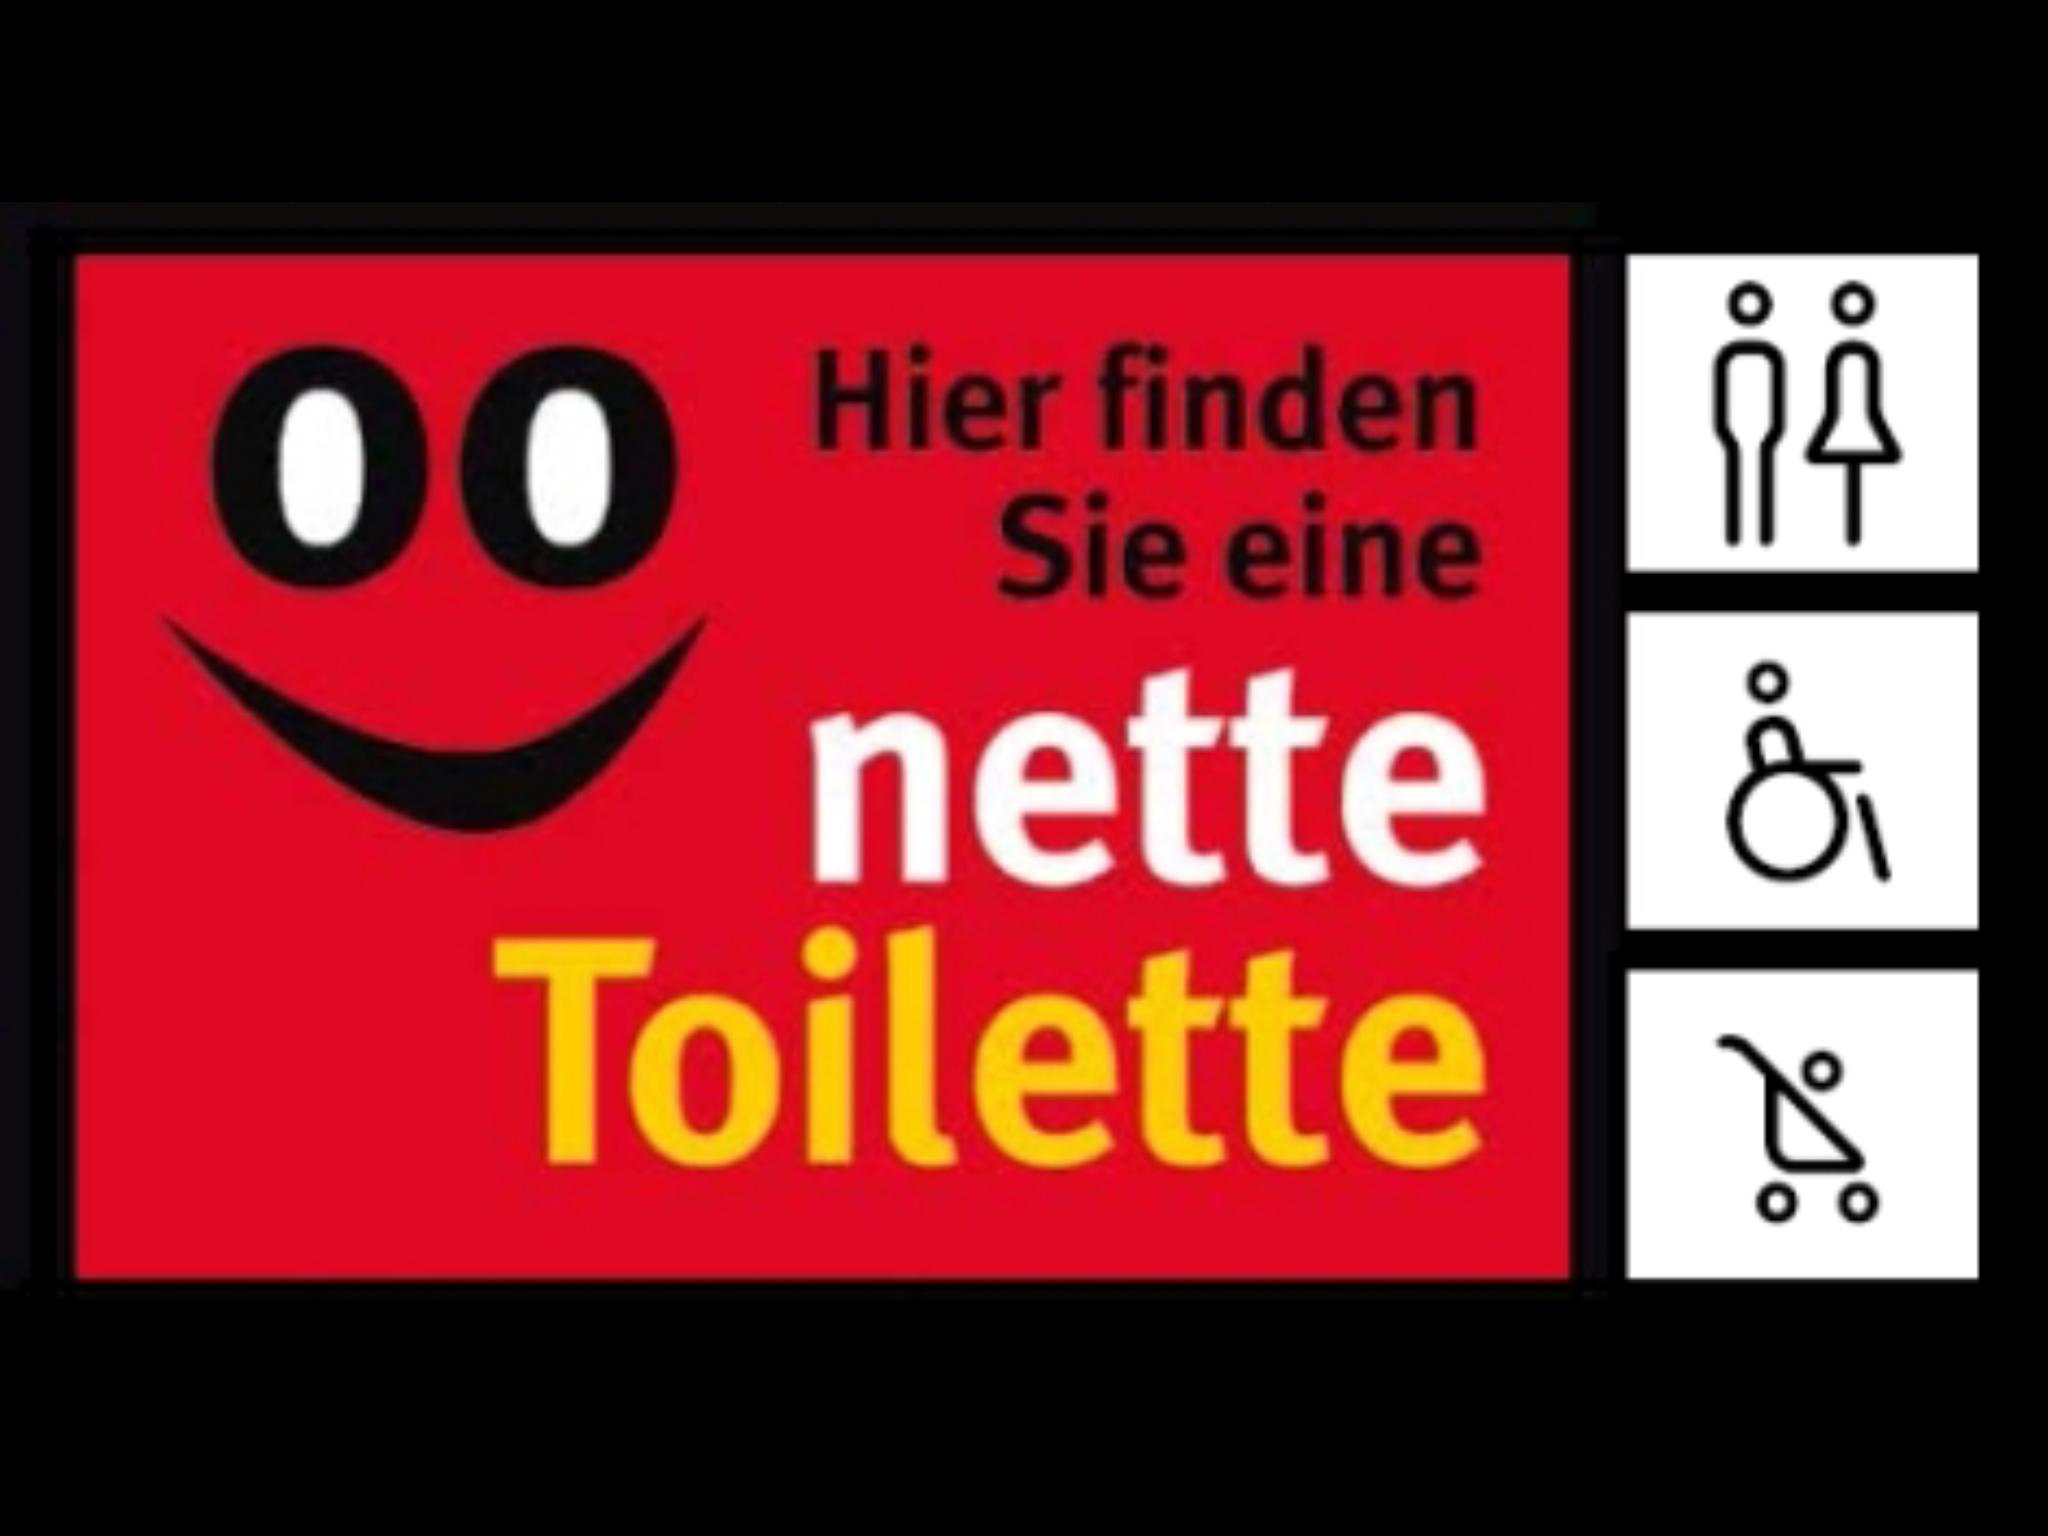 (Die nette Toilette) kostenlose WC-Nutzung bei Handel und Gastronomie